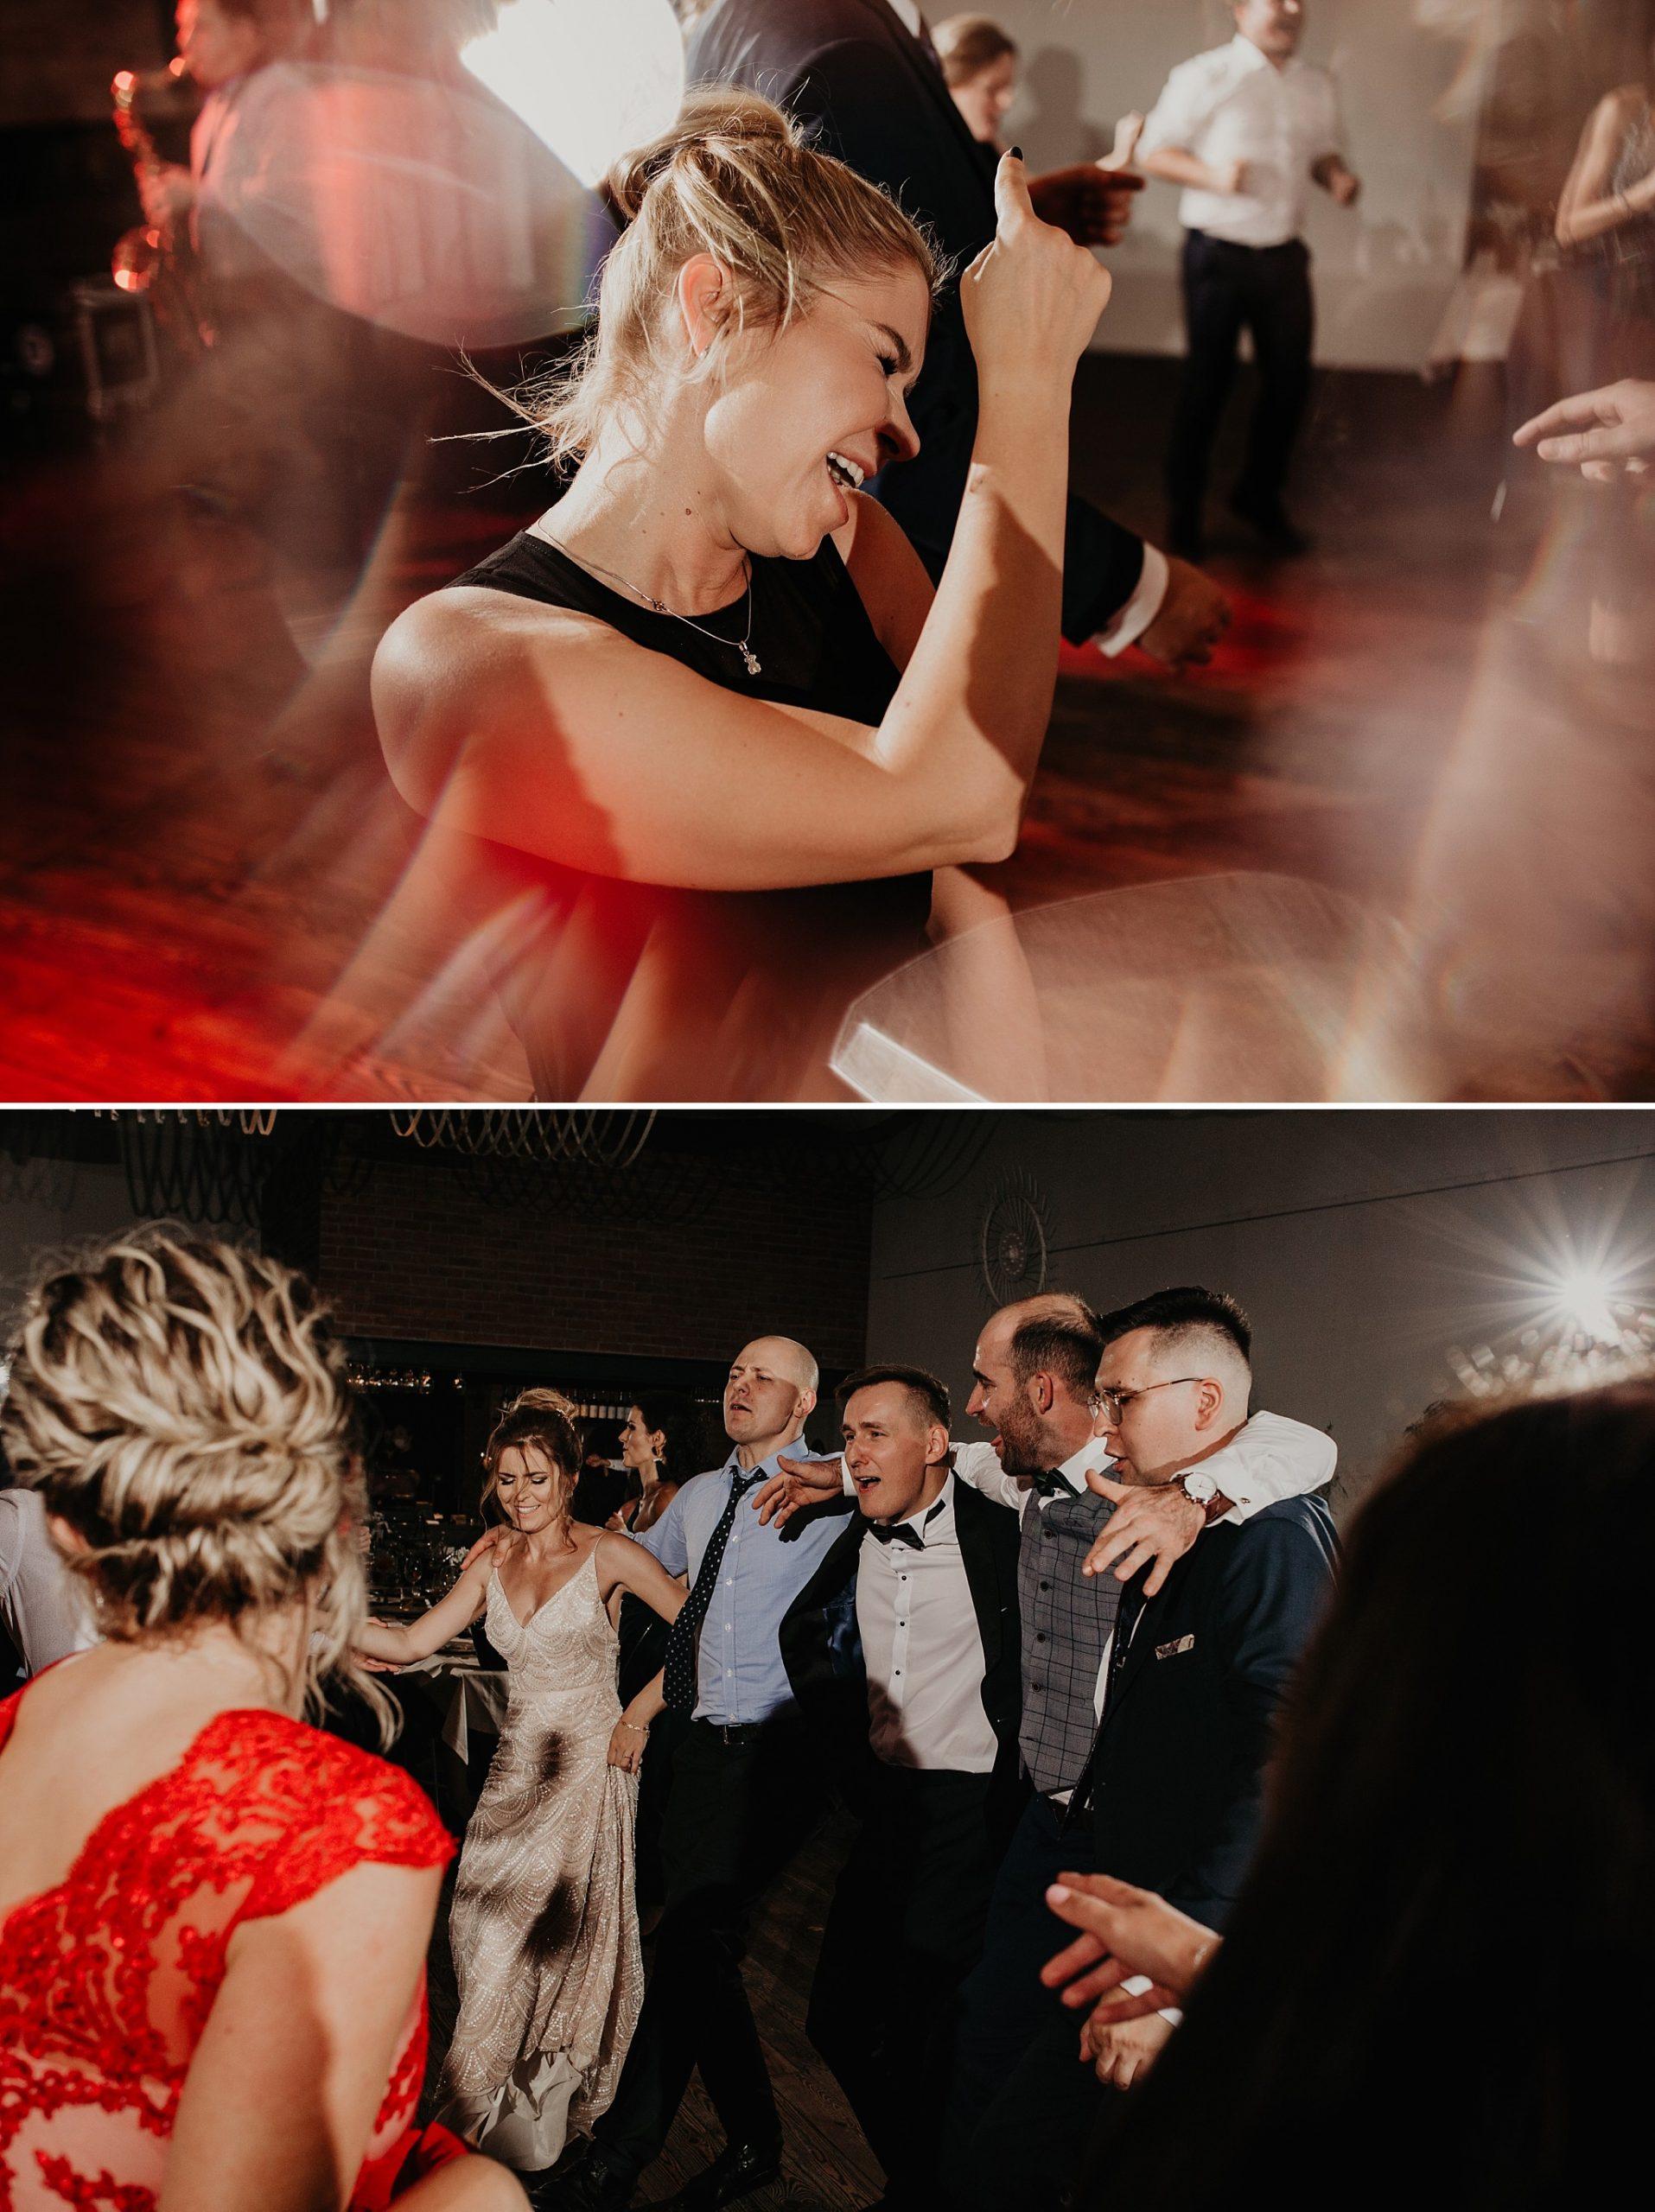 fotograf poznan wesele dobra truskawka piekne wesele pod poznaniem wesele w dobrej truskawce piekna para mloda slub marzen slub koronawirus slub listopad wesele koronawirus 428 scaled